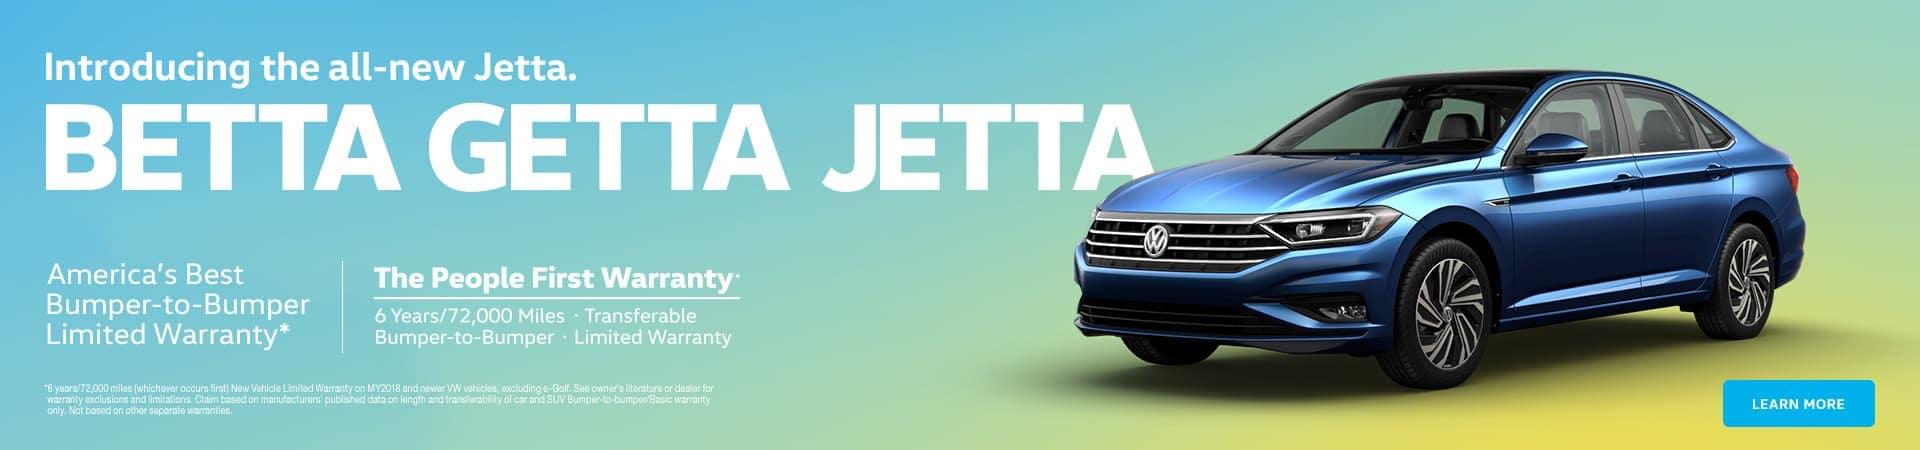 vw JETTA banner